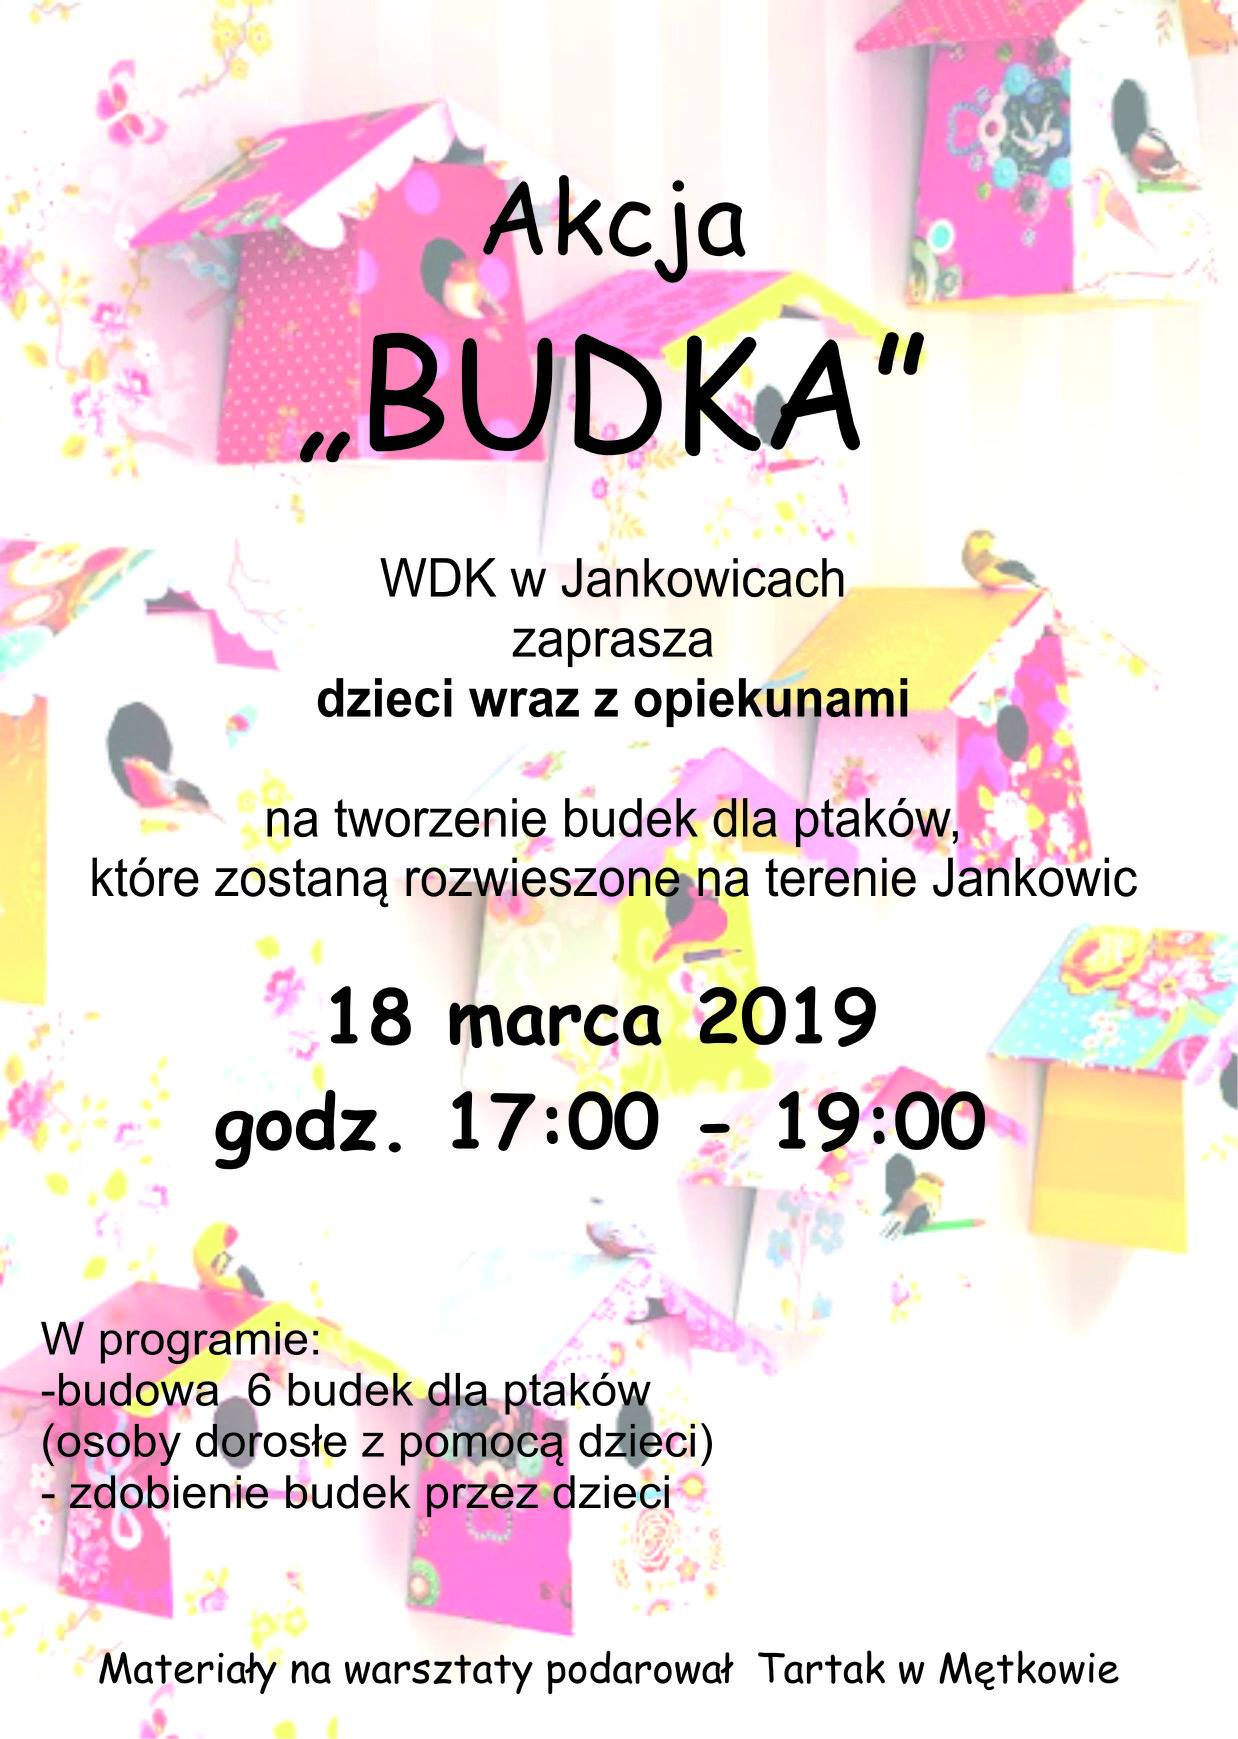 Akcja Budka